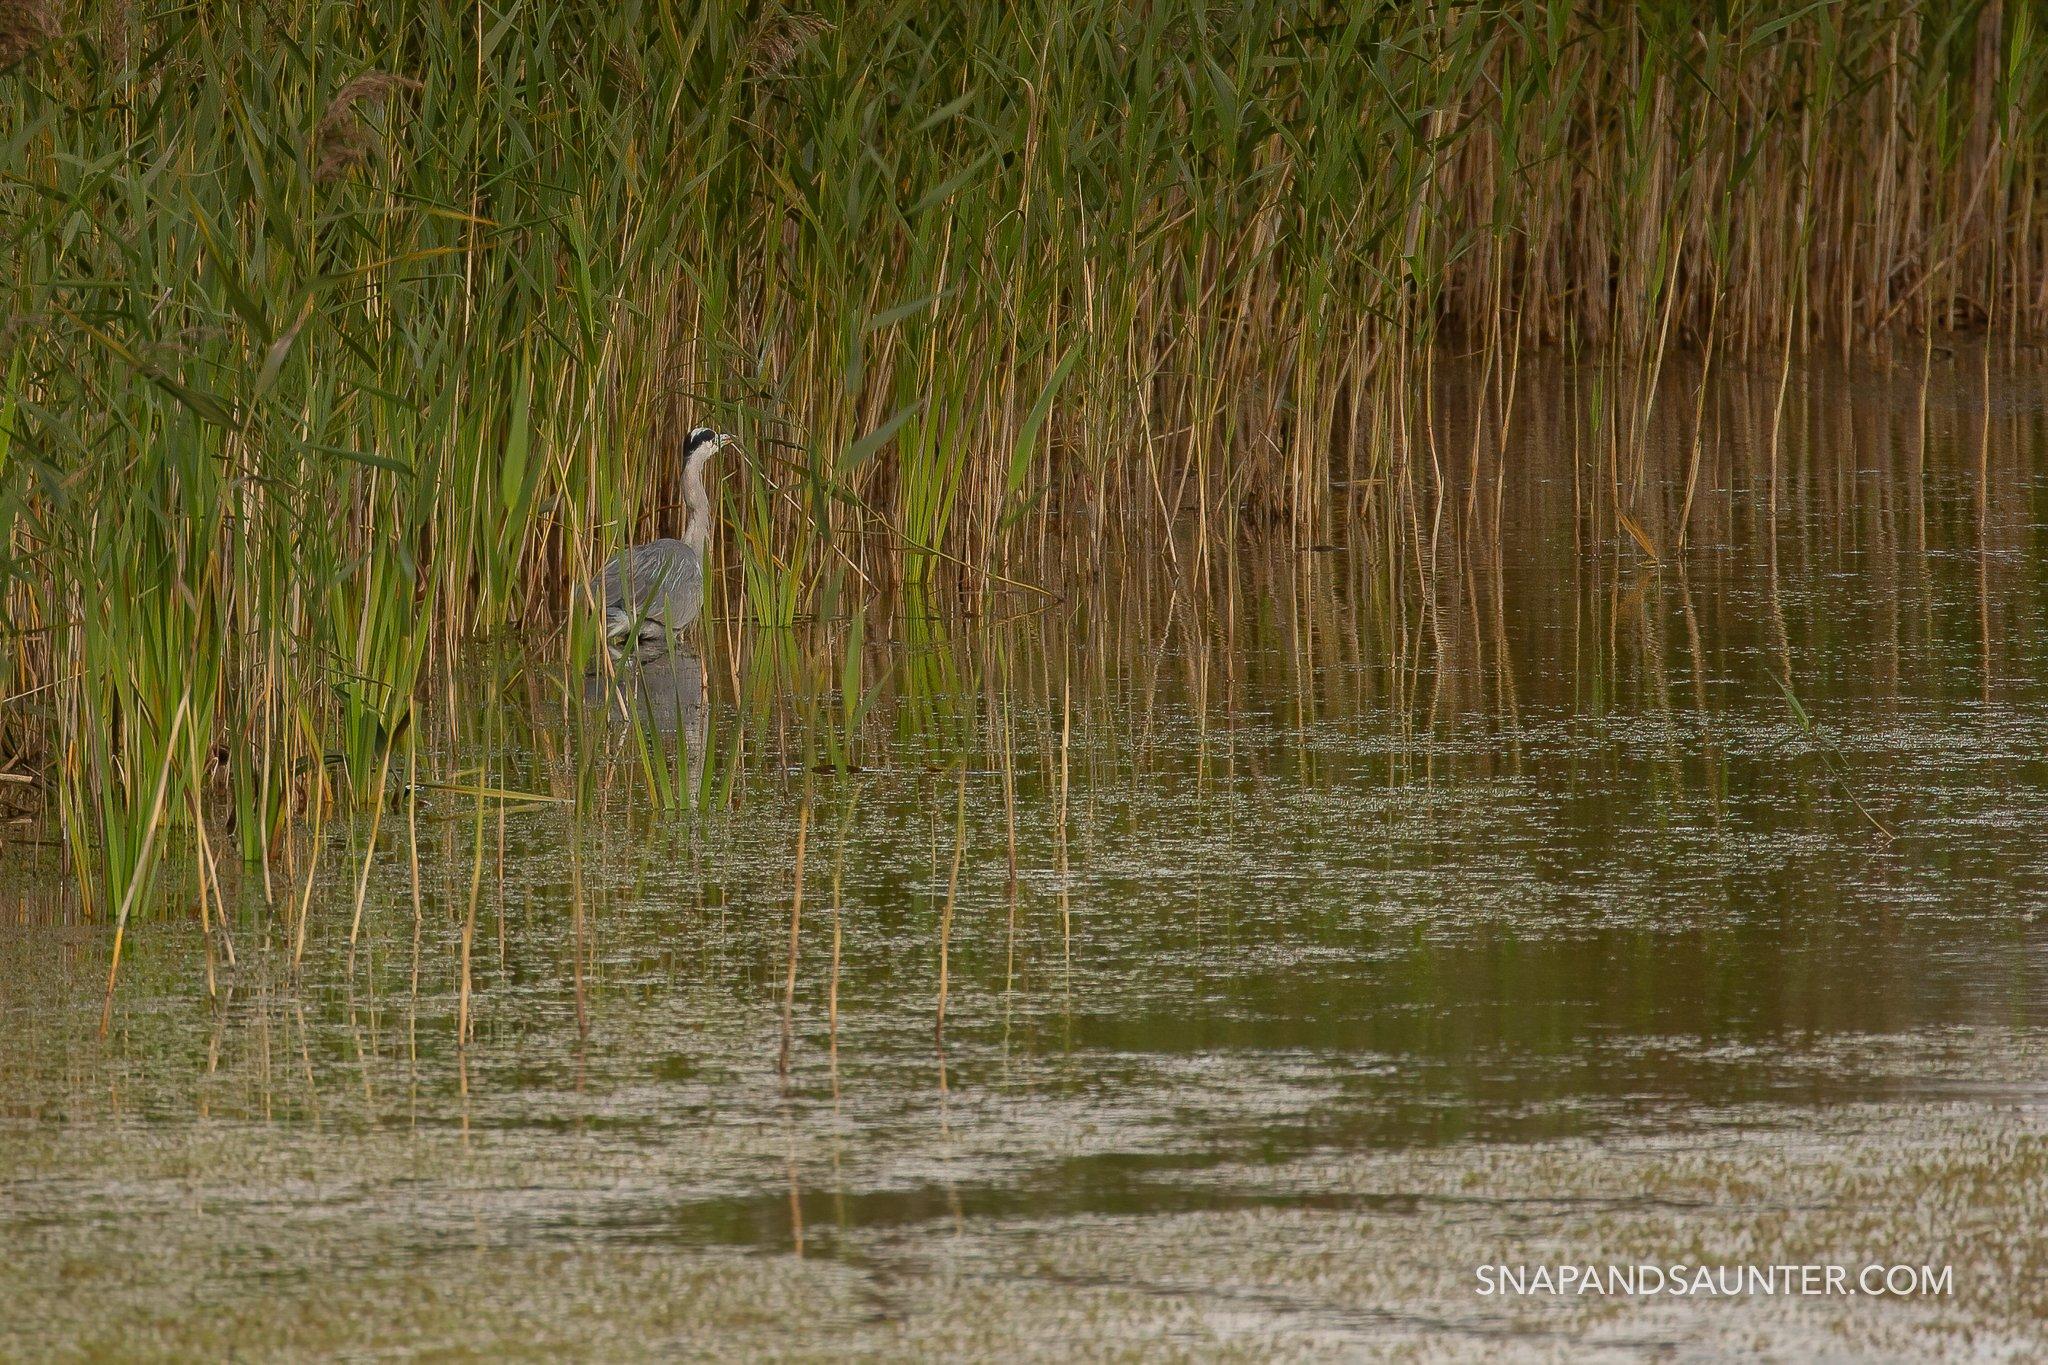 heron in reeds